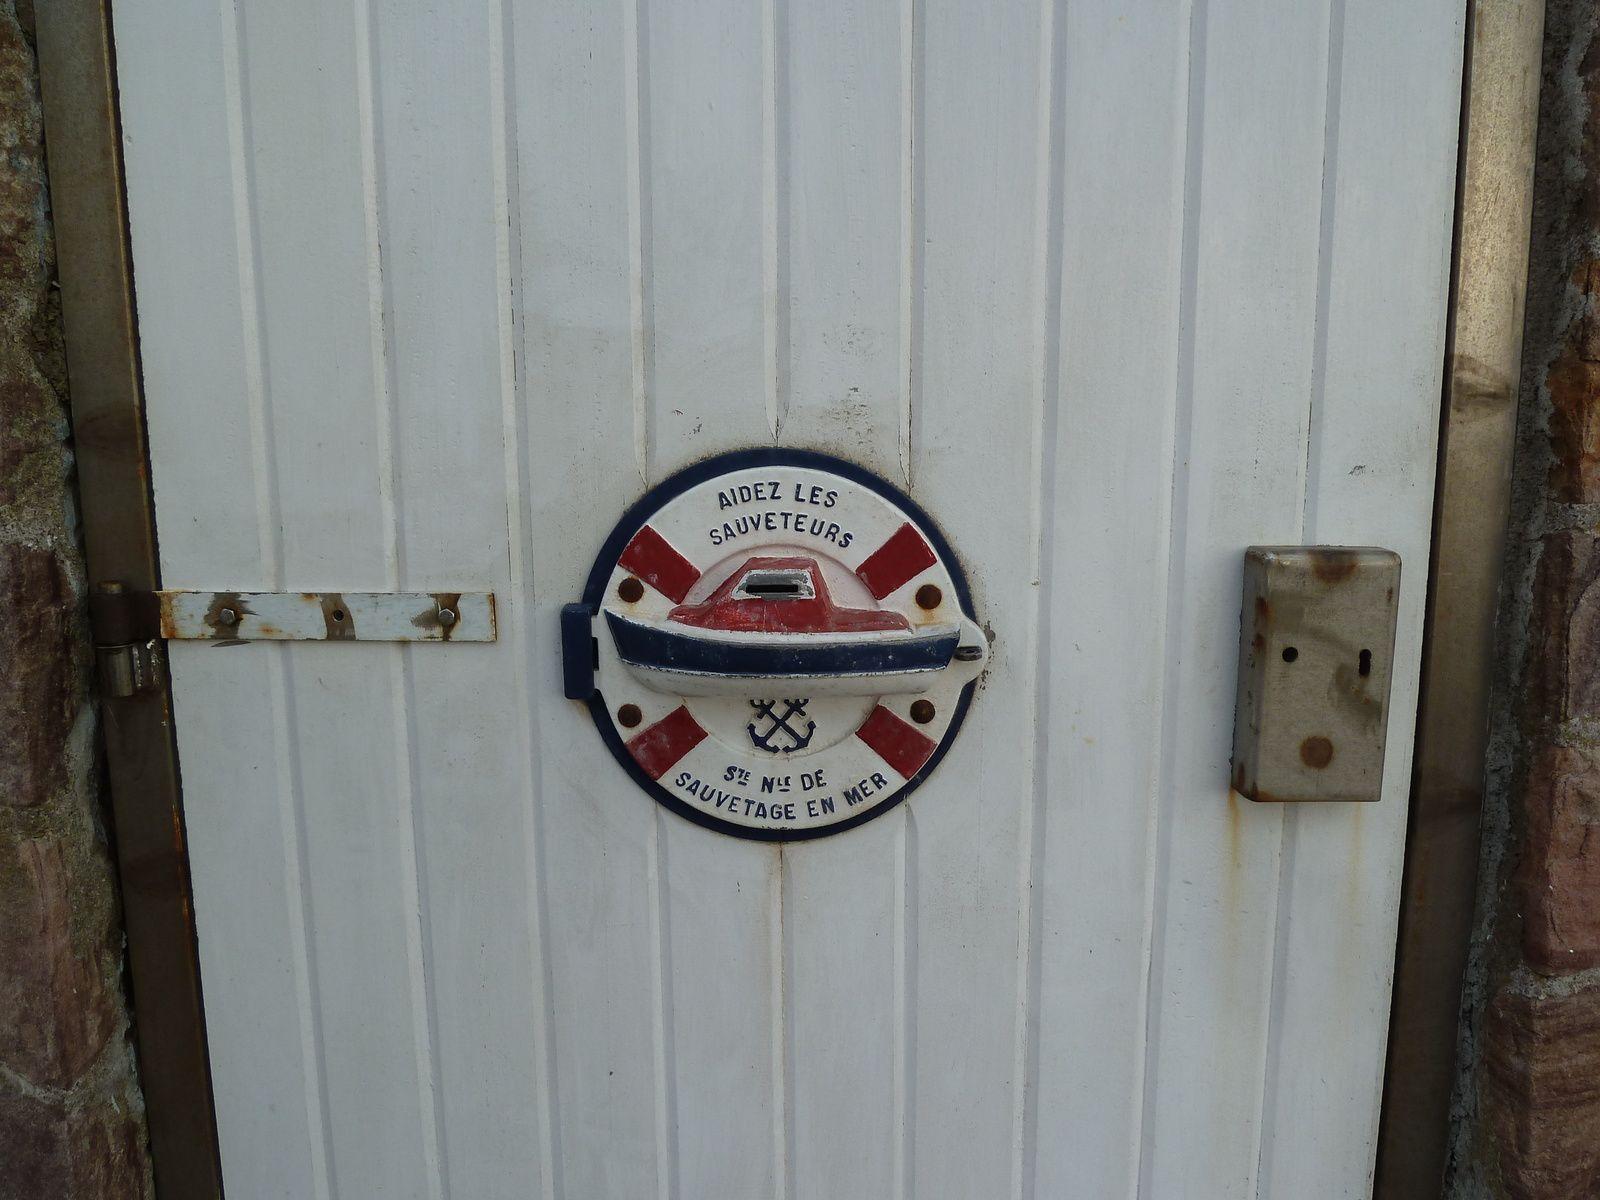 La petite tirelire où déposer son obole sur la porte du bâtiment de la SNSM (Société Nationale de Sauvetage en Mer) Fréhel-Plévenon.